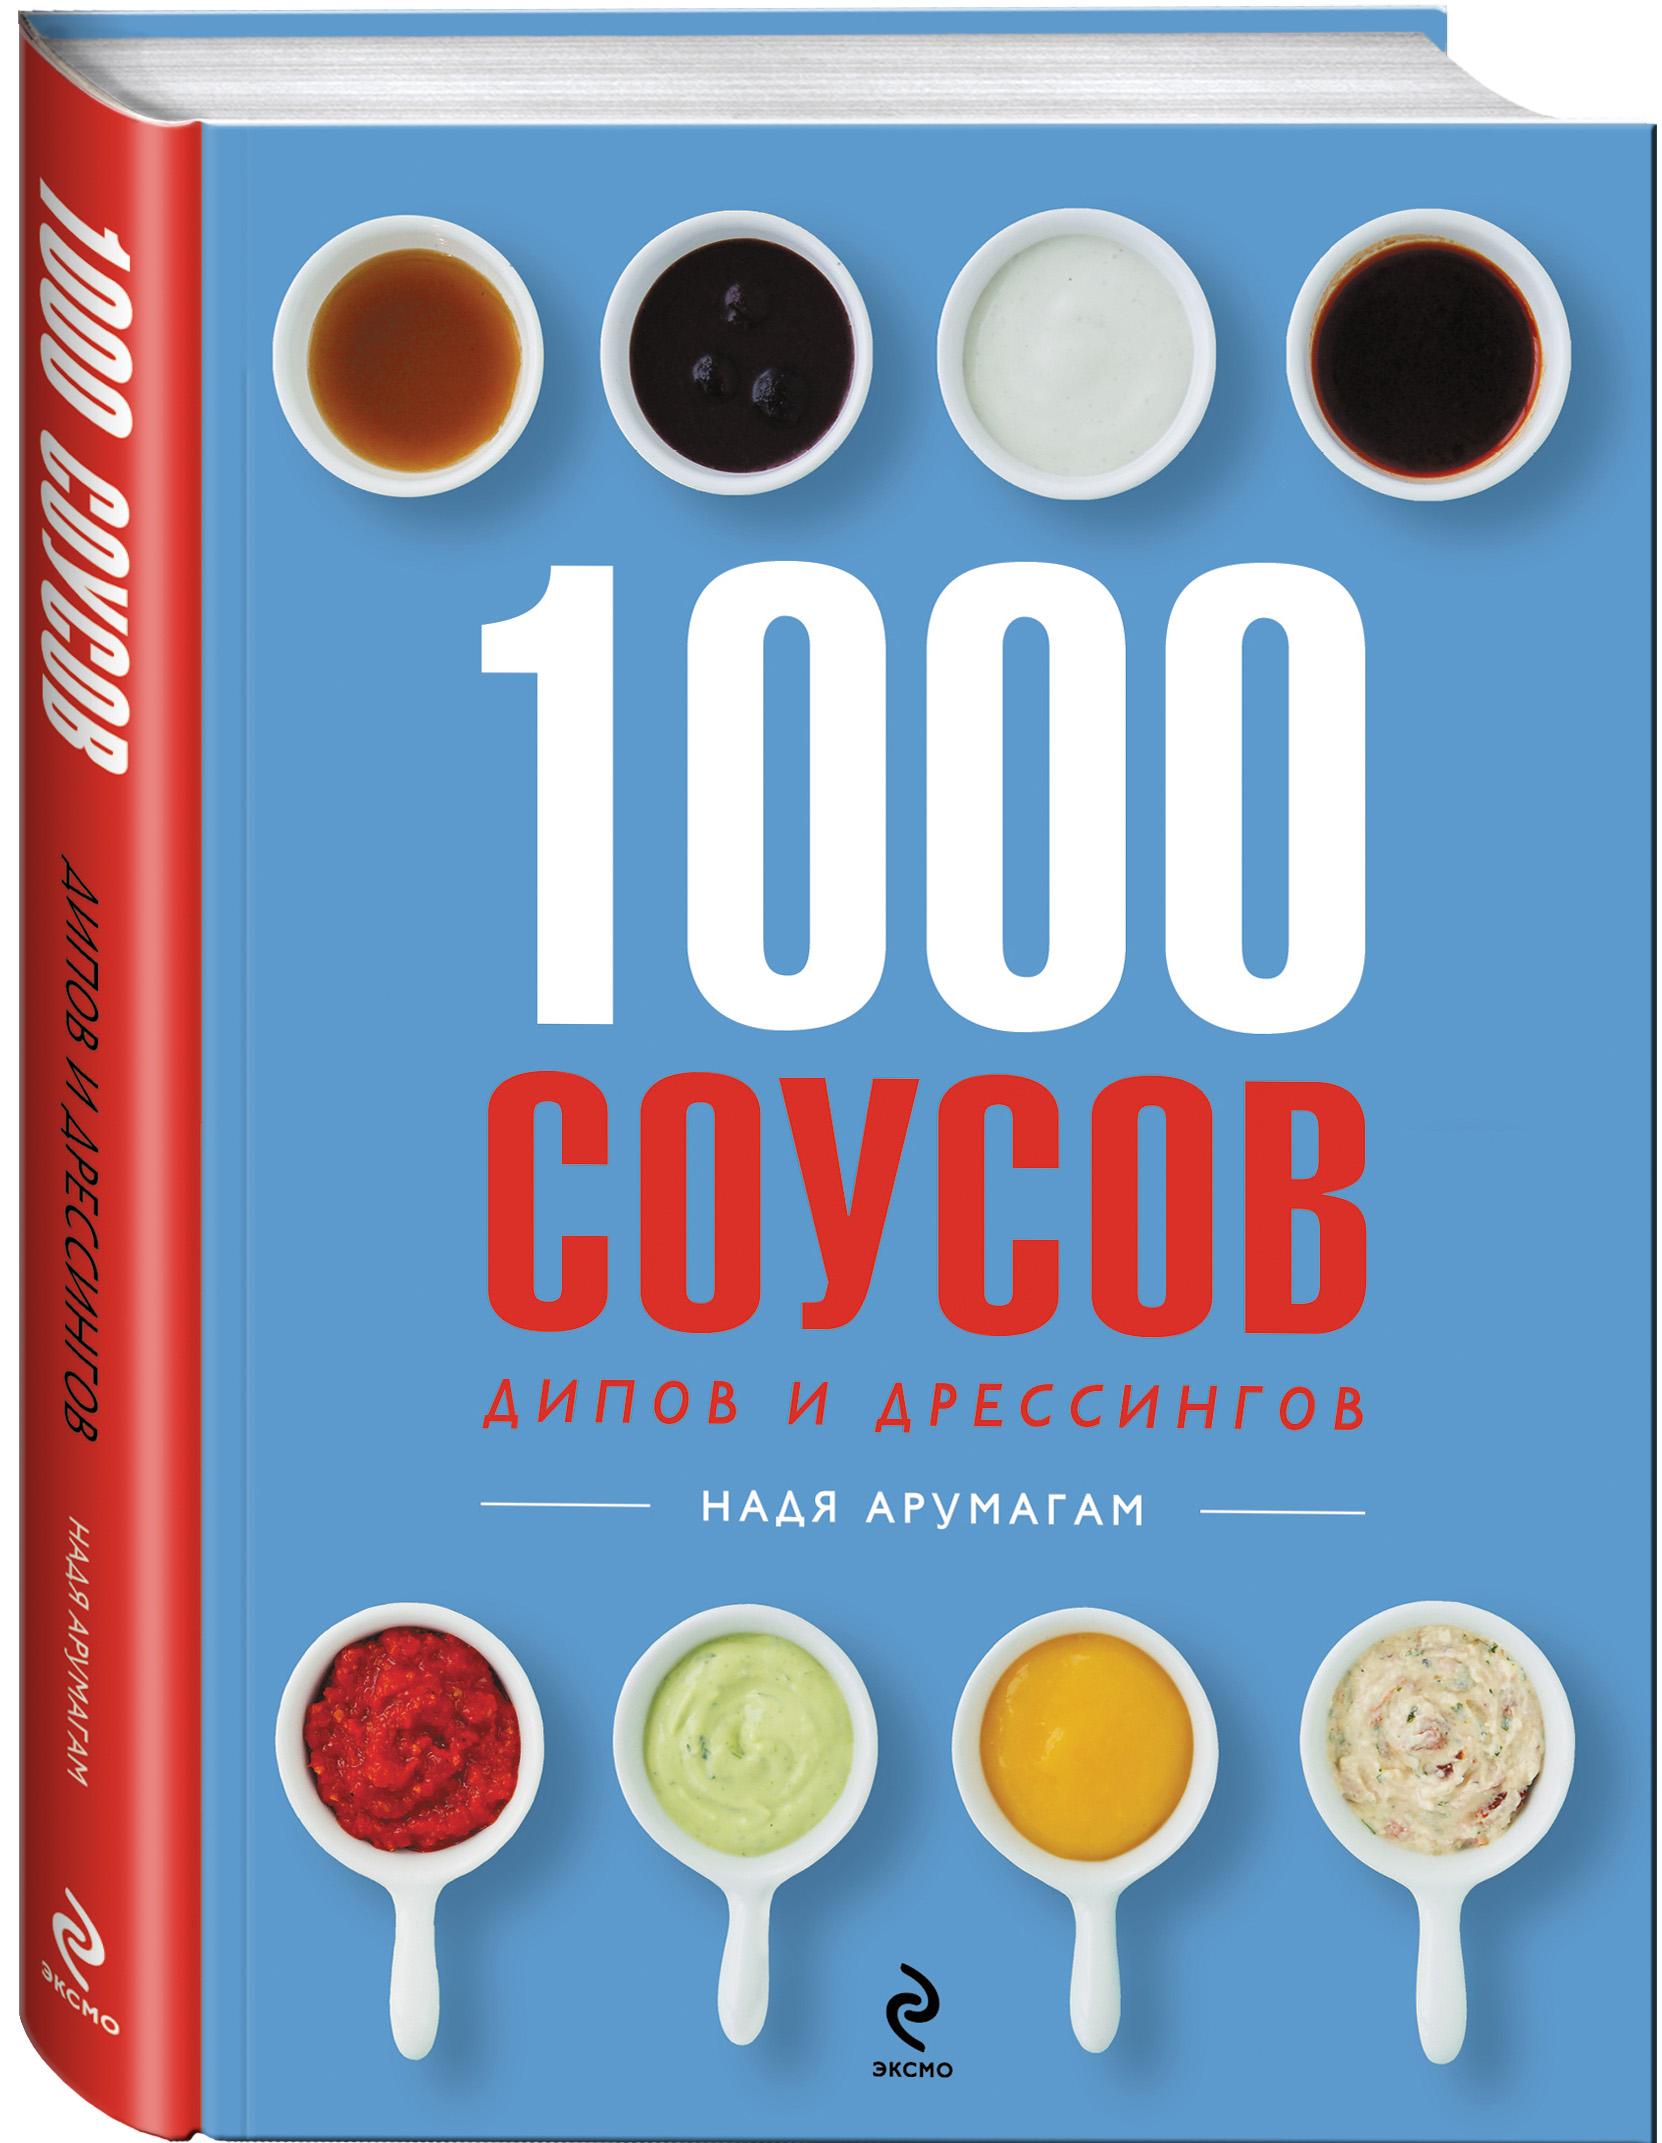 1000 соусов, дипов и дрессингов